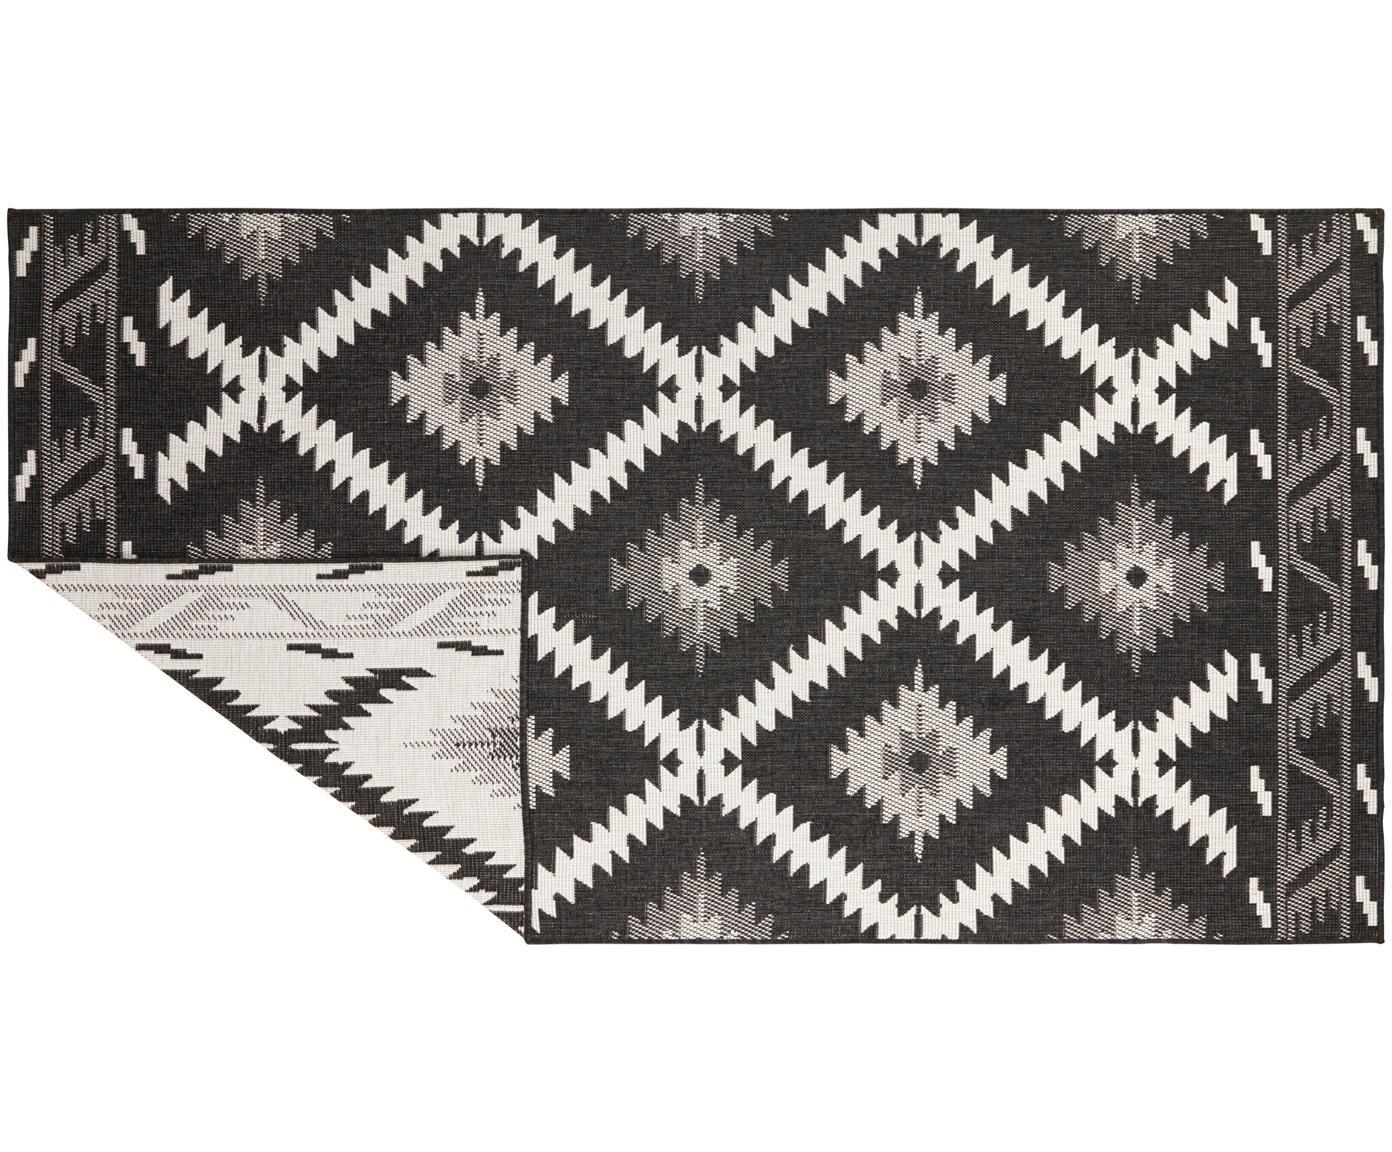 Tappeto reversibile da interno-esterno Malibu, Nero, crema, Larg. 80 x Lung. 150 cm (taglia xs)